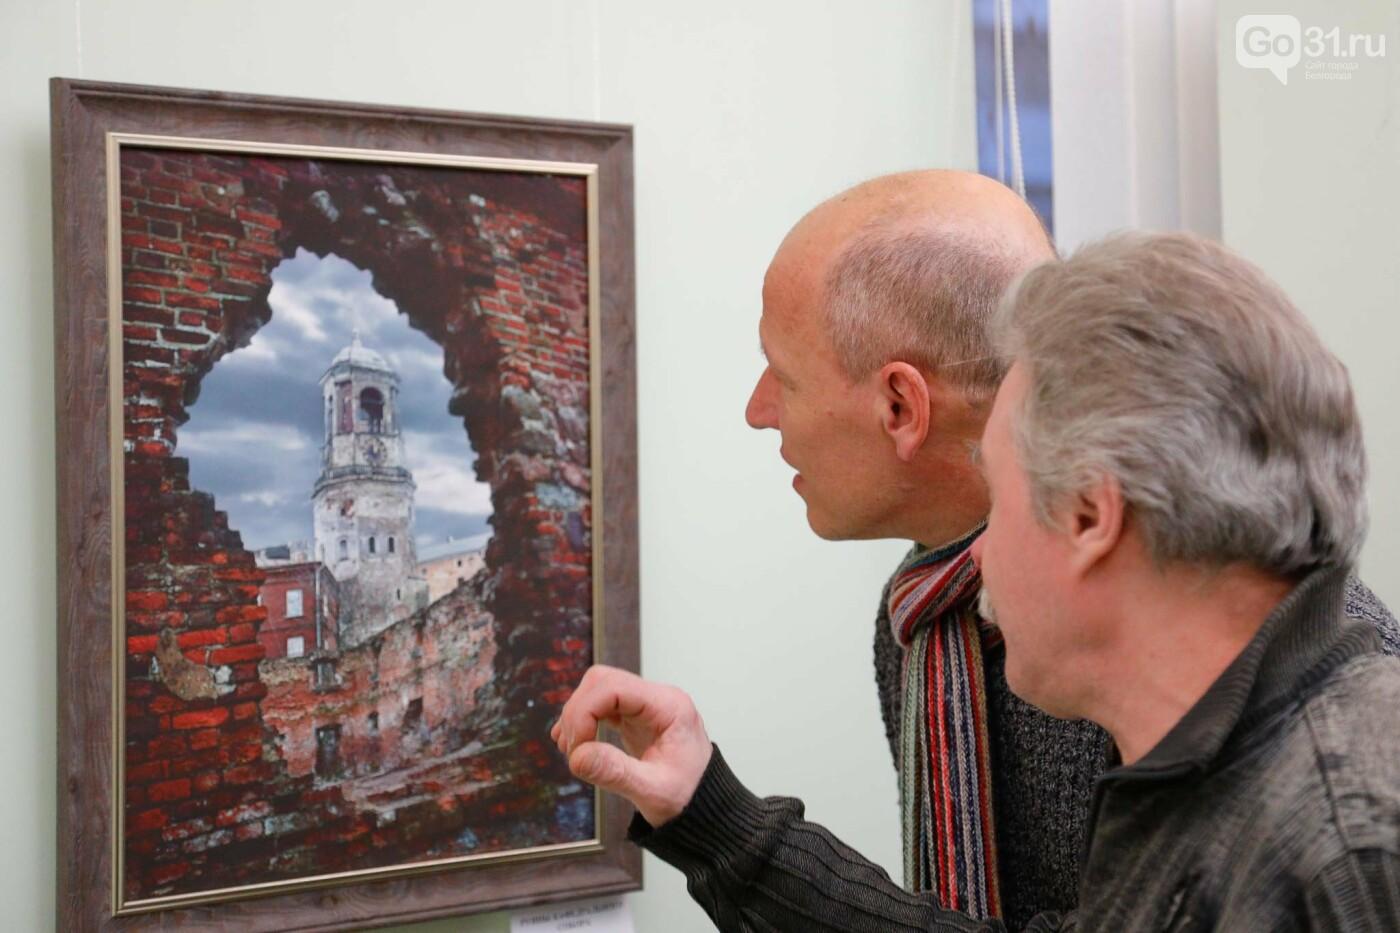 В Белгороде открылась персональная фотовыставка Владимира Щекалова, фото-26